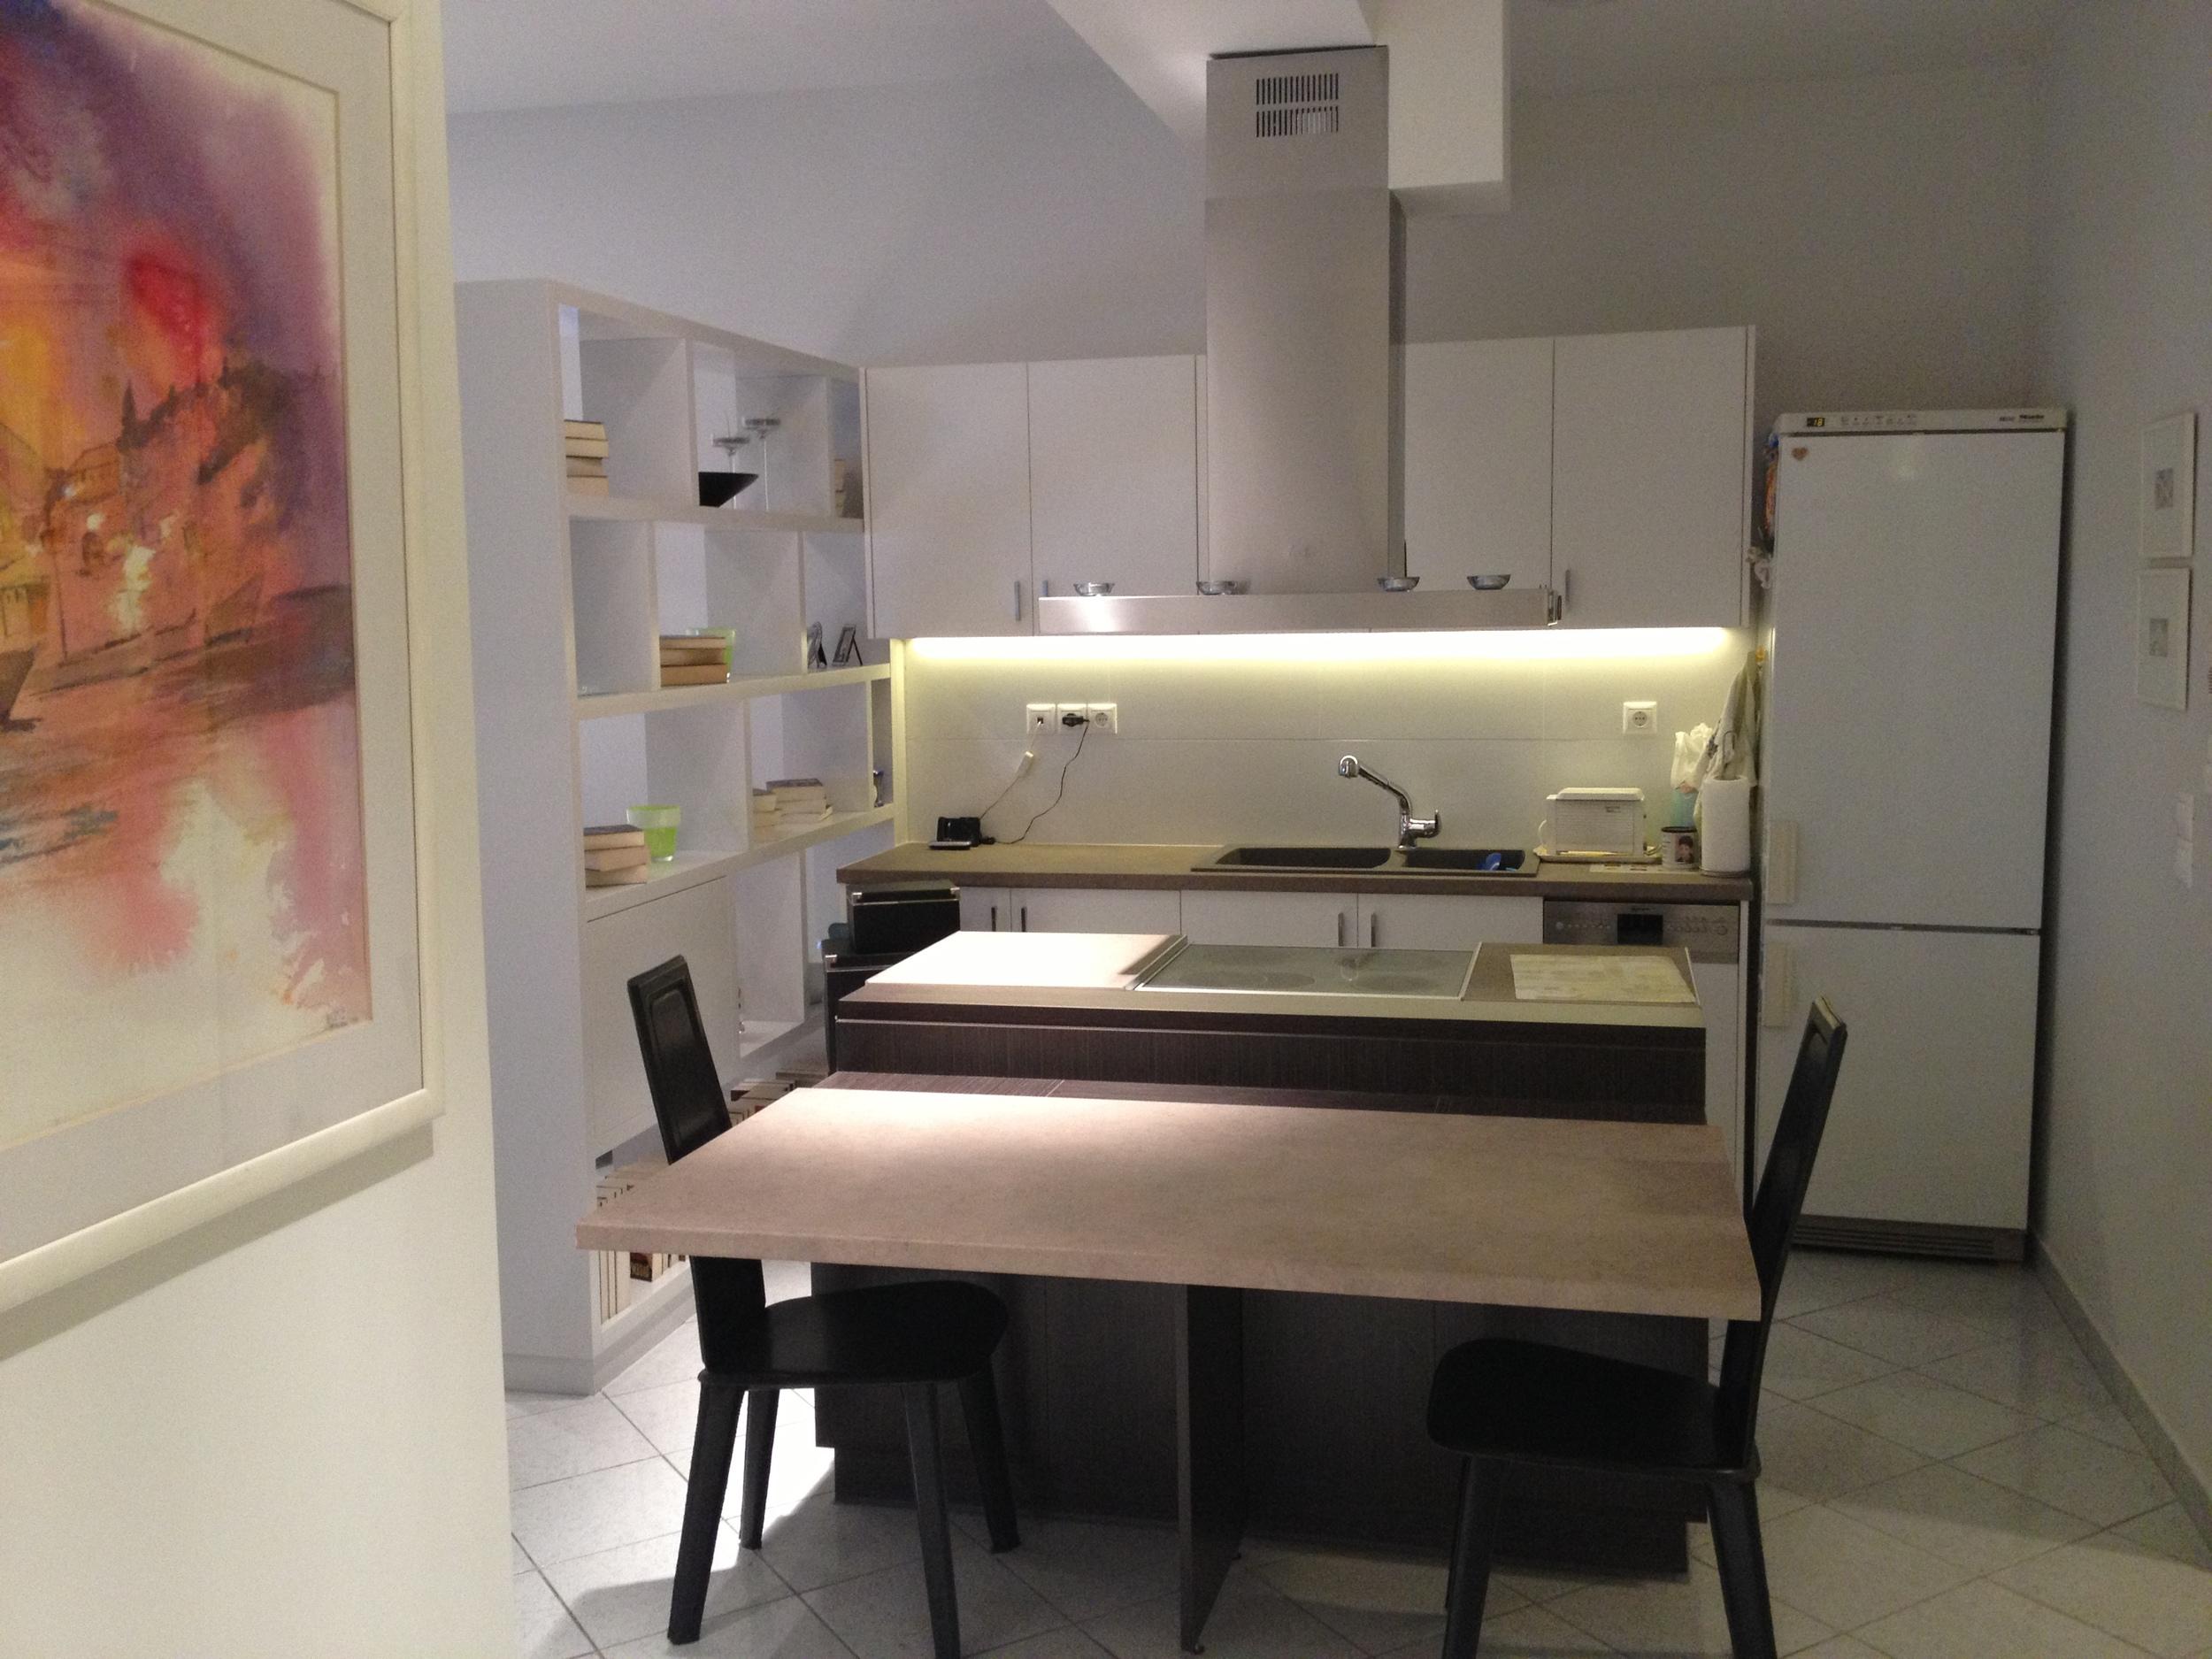 ανακατασκευη κουζινας βαψιμο επιπλων καθιστικου παιδικα δωματια (1).JPG